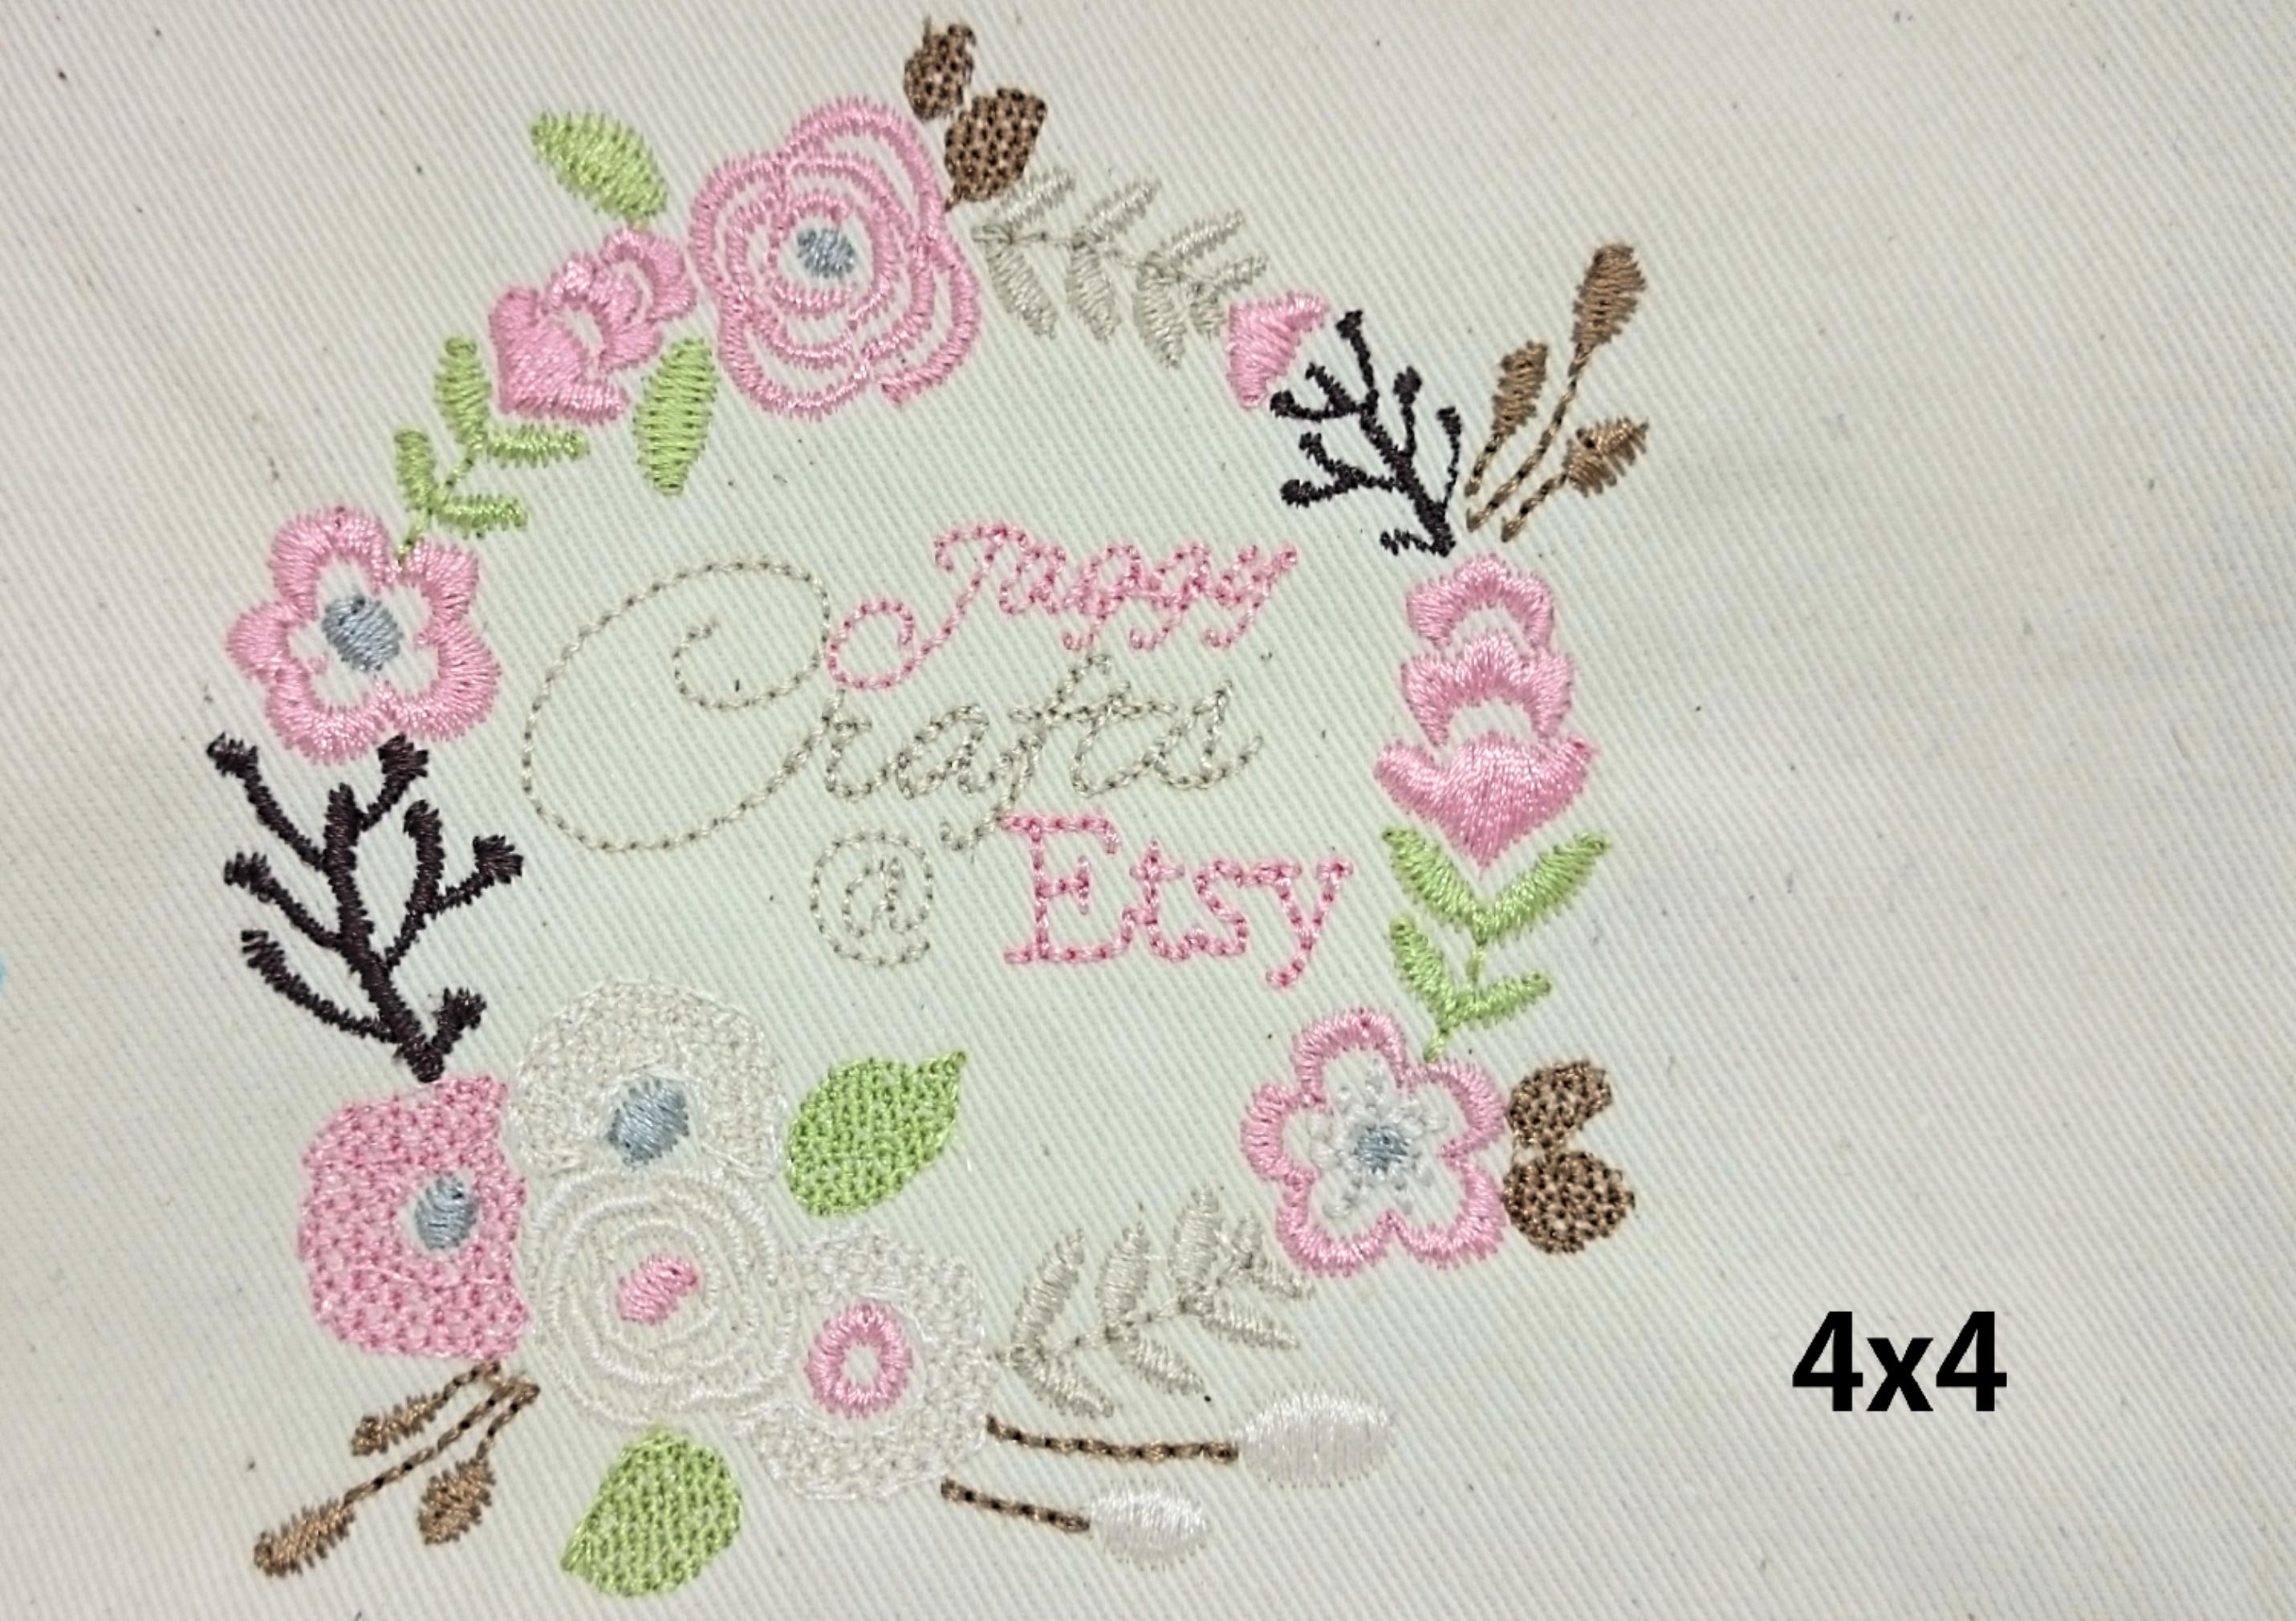 Floral Wreath Font Frame Monogram Design - EMBROIDERY DESIGN FILE - Instant download - Vp3 Hus Dst Exp Jef Pes formats 5 sizes 3,4,5,6,7inch example image 2